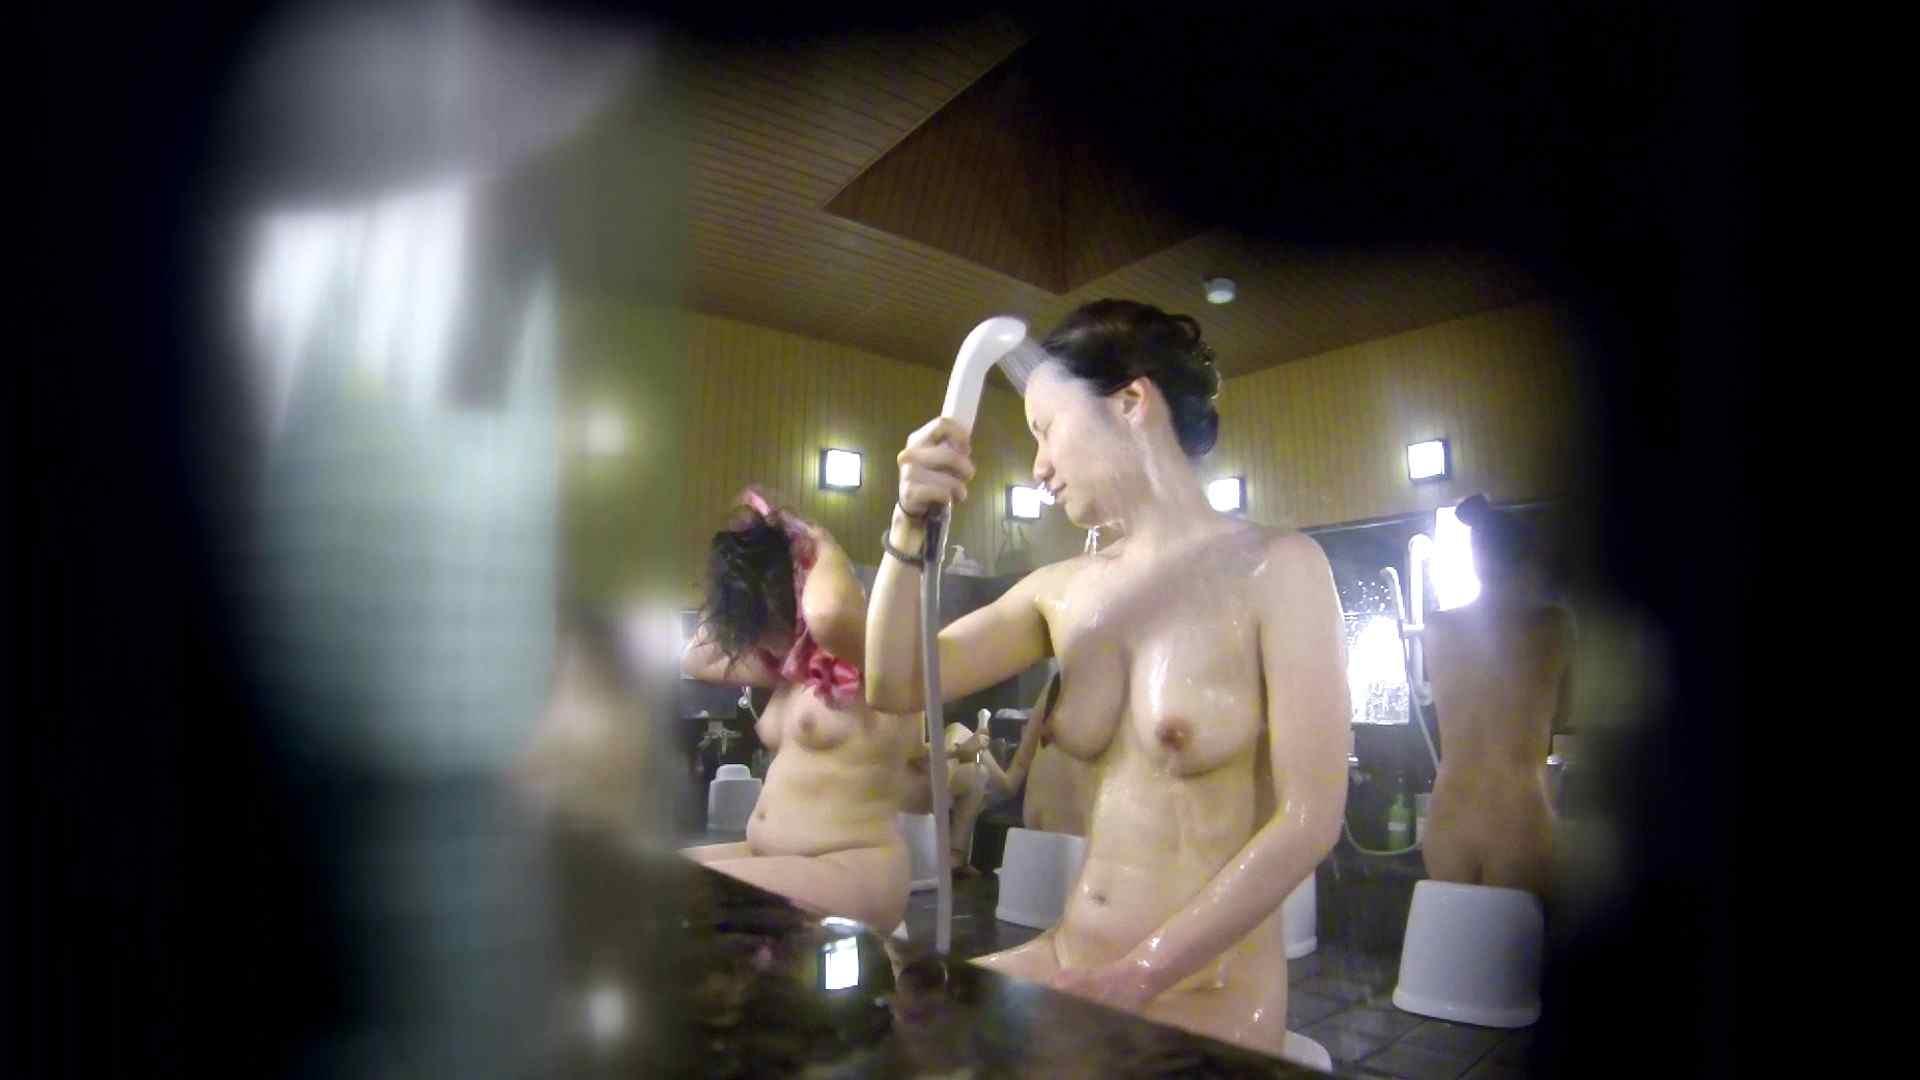 洗い場!アソコの毛辺の手入れで妄想が膨らみました。 潜入  109pic 22